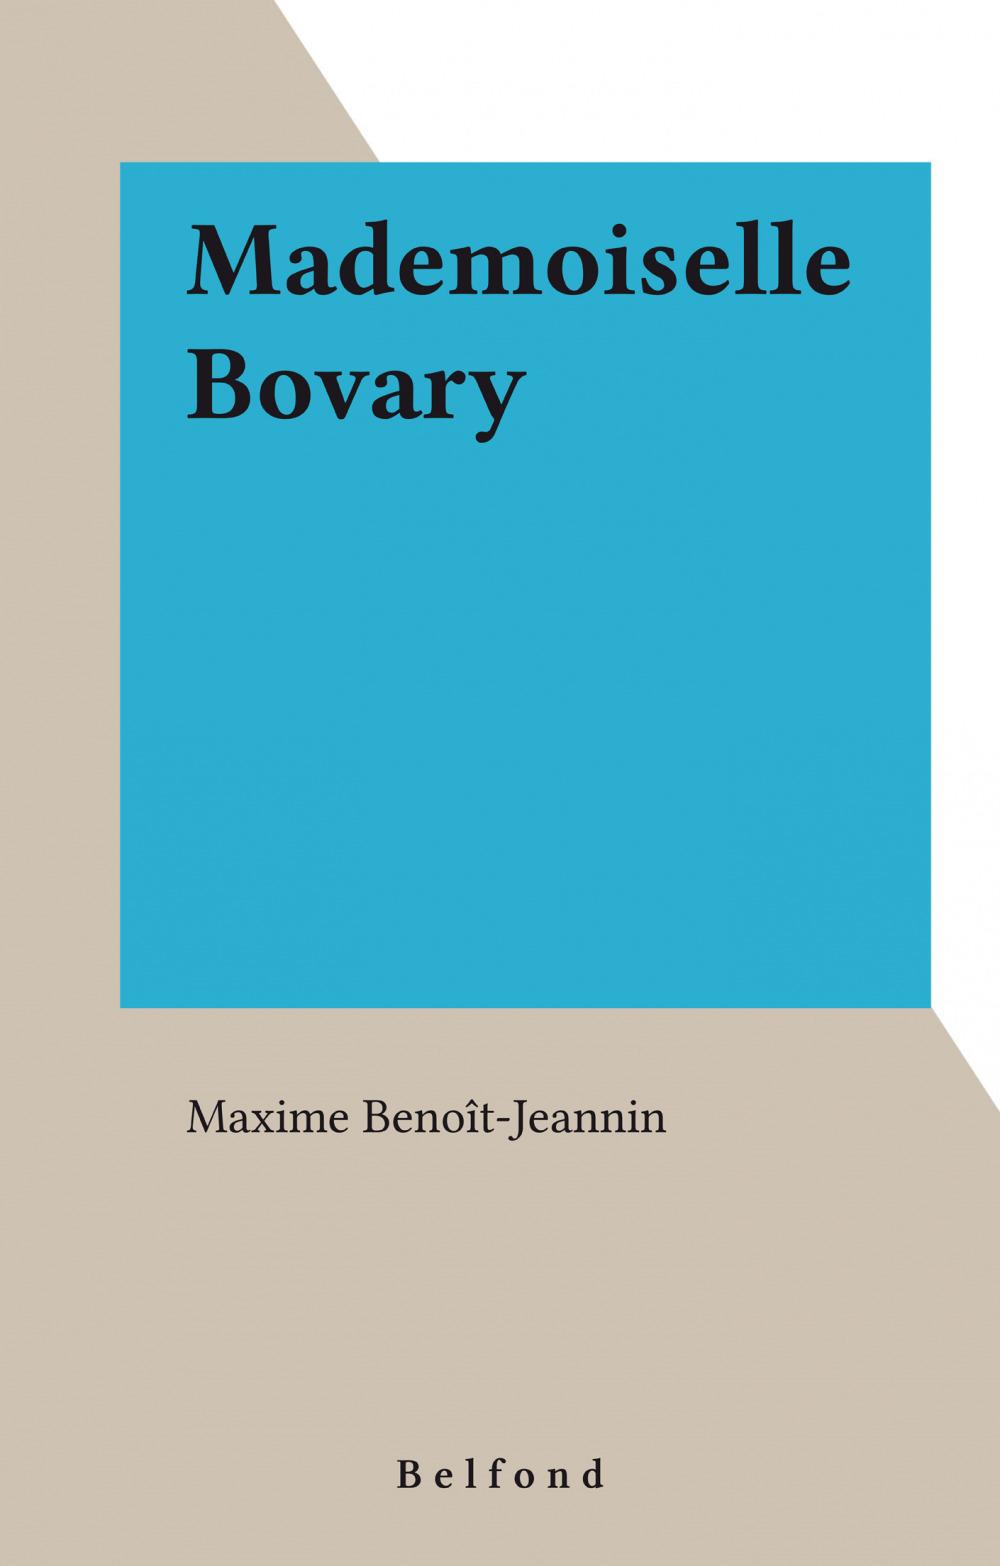 Maxime Benoît-Jeannin Mademoiselle Bovary